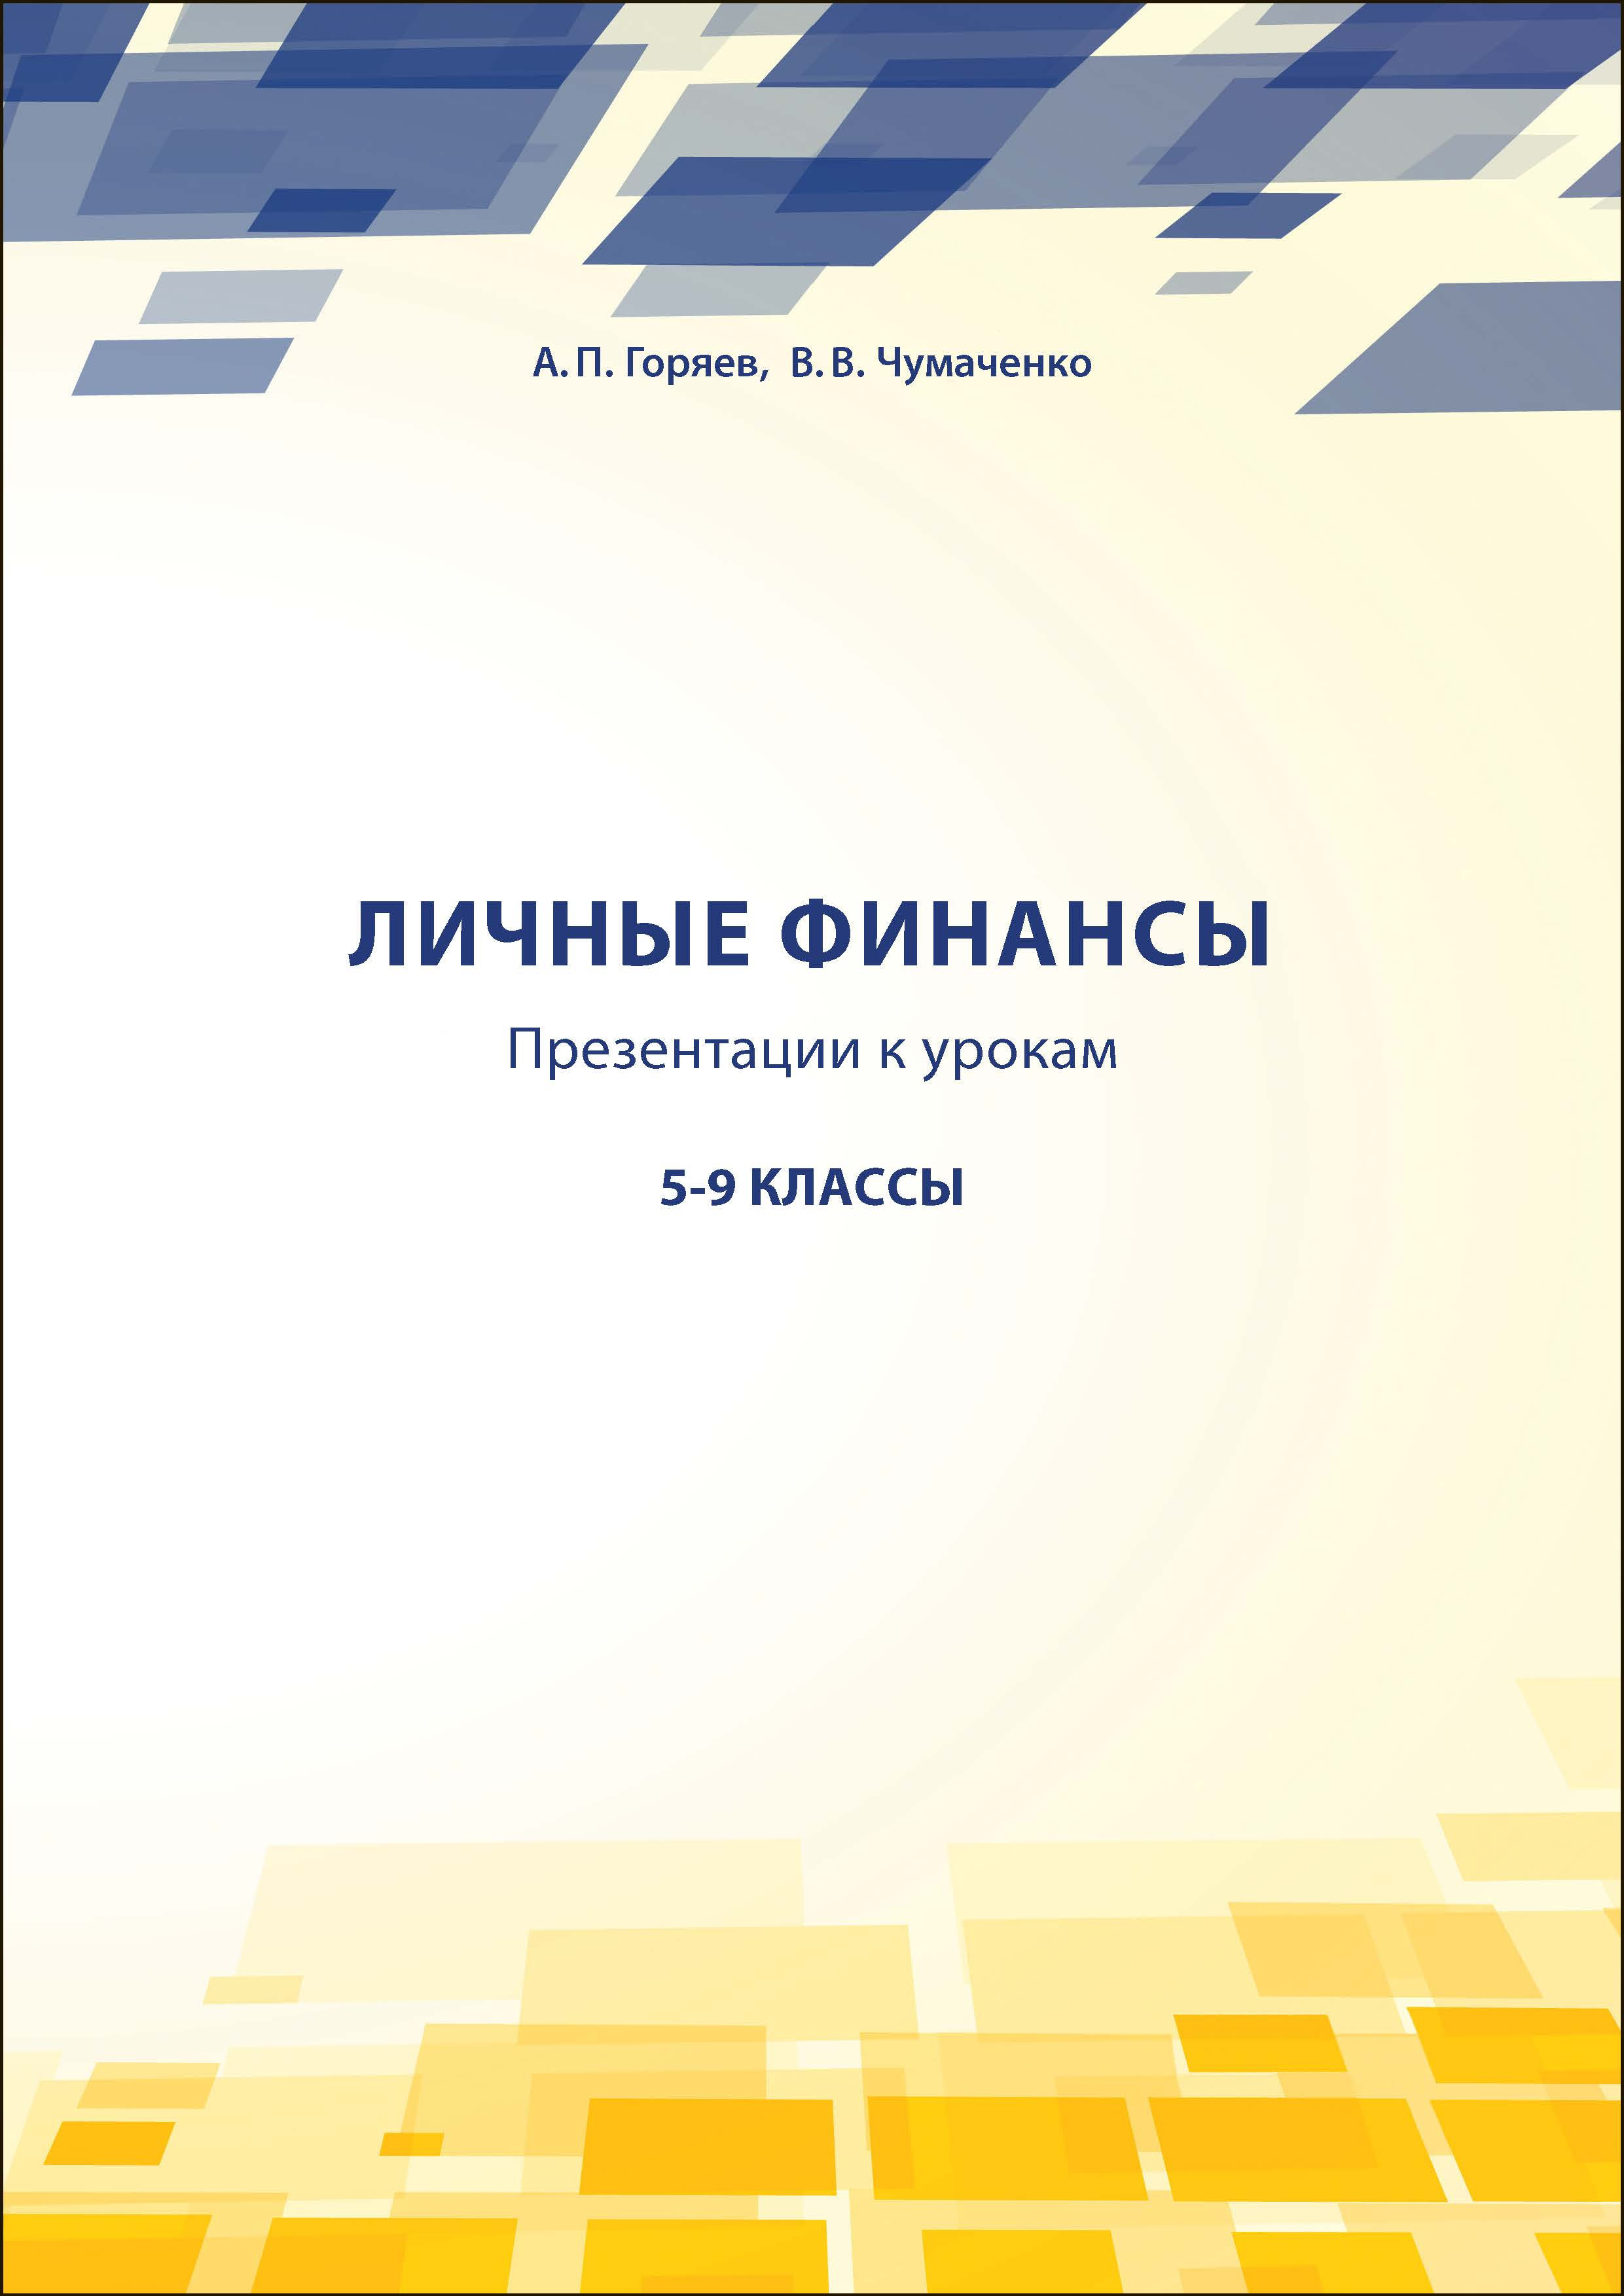 Личные финансы. Презентации к урокам. 5-9 классы Горяев Чумаченко